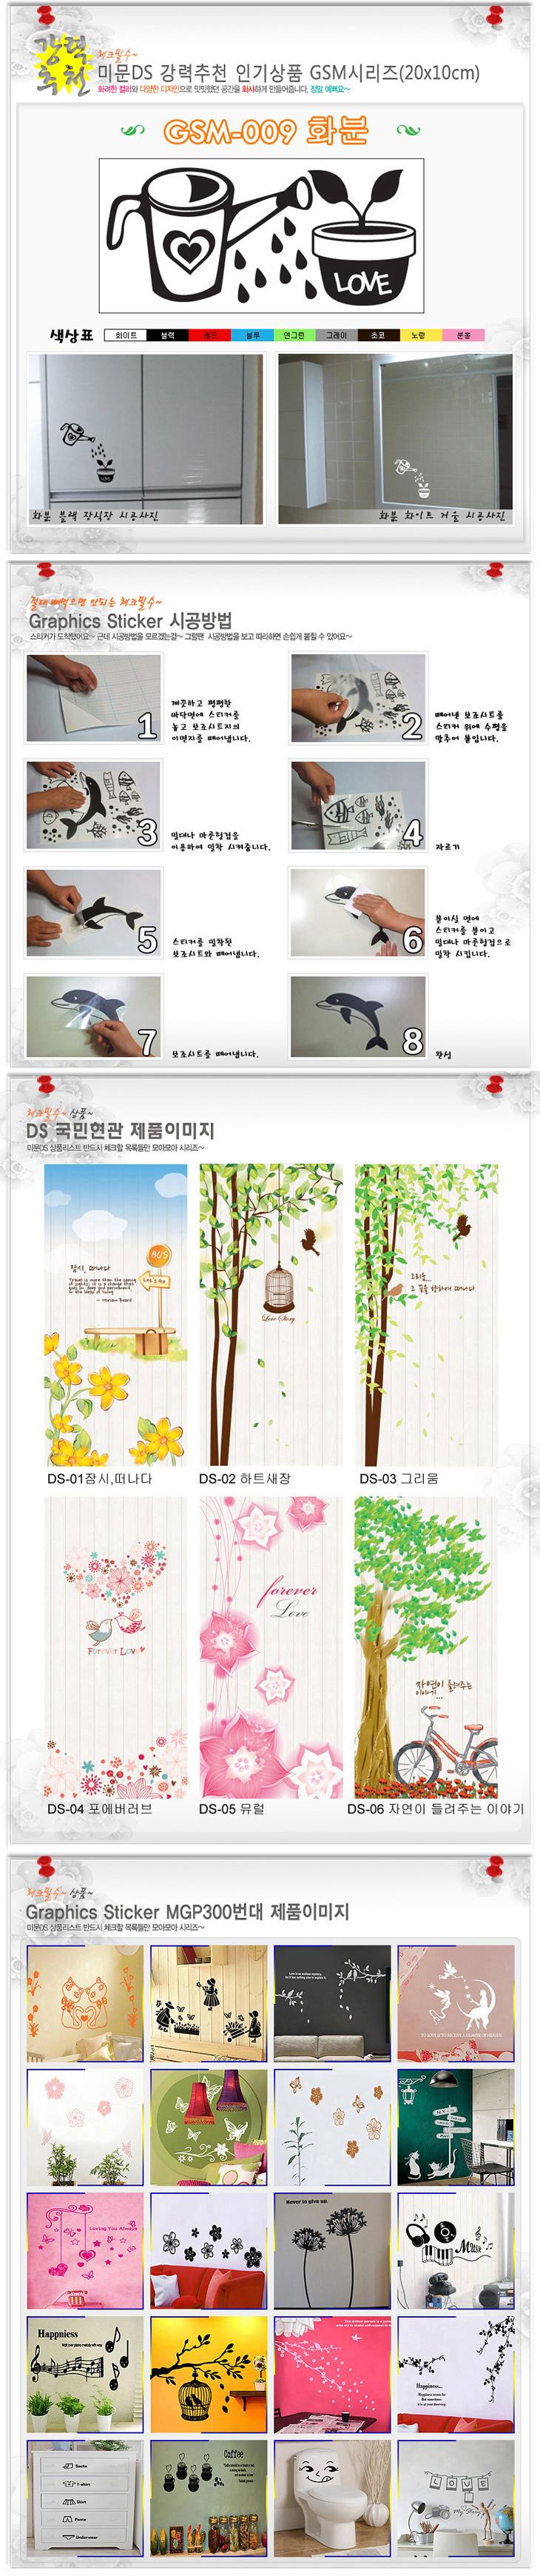 GSM-009 화분 - 시트퀸, 1,000원, 월데코스티커, 나무/나뭇가지